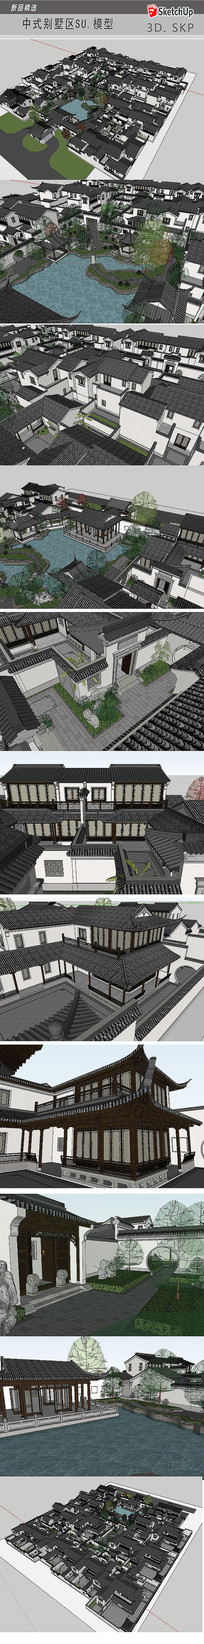 中式别墅建筑规划设计图